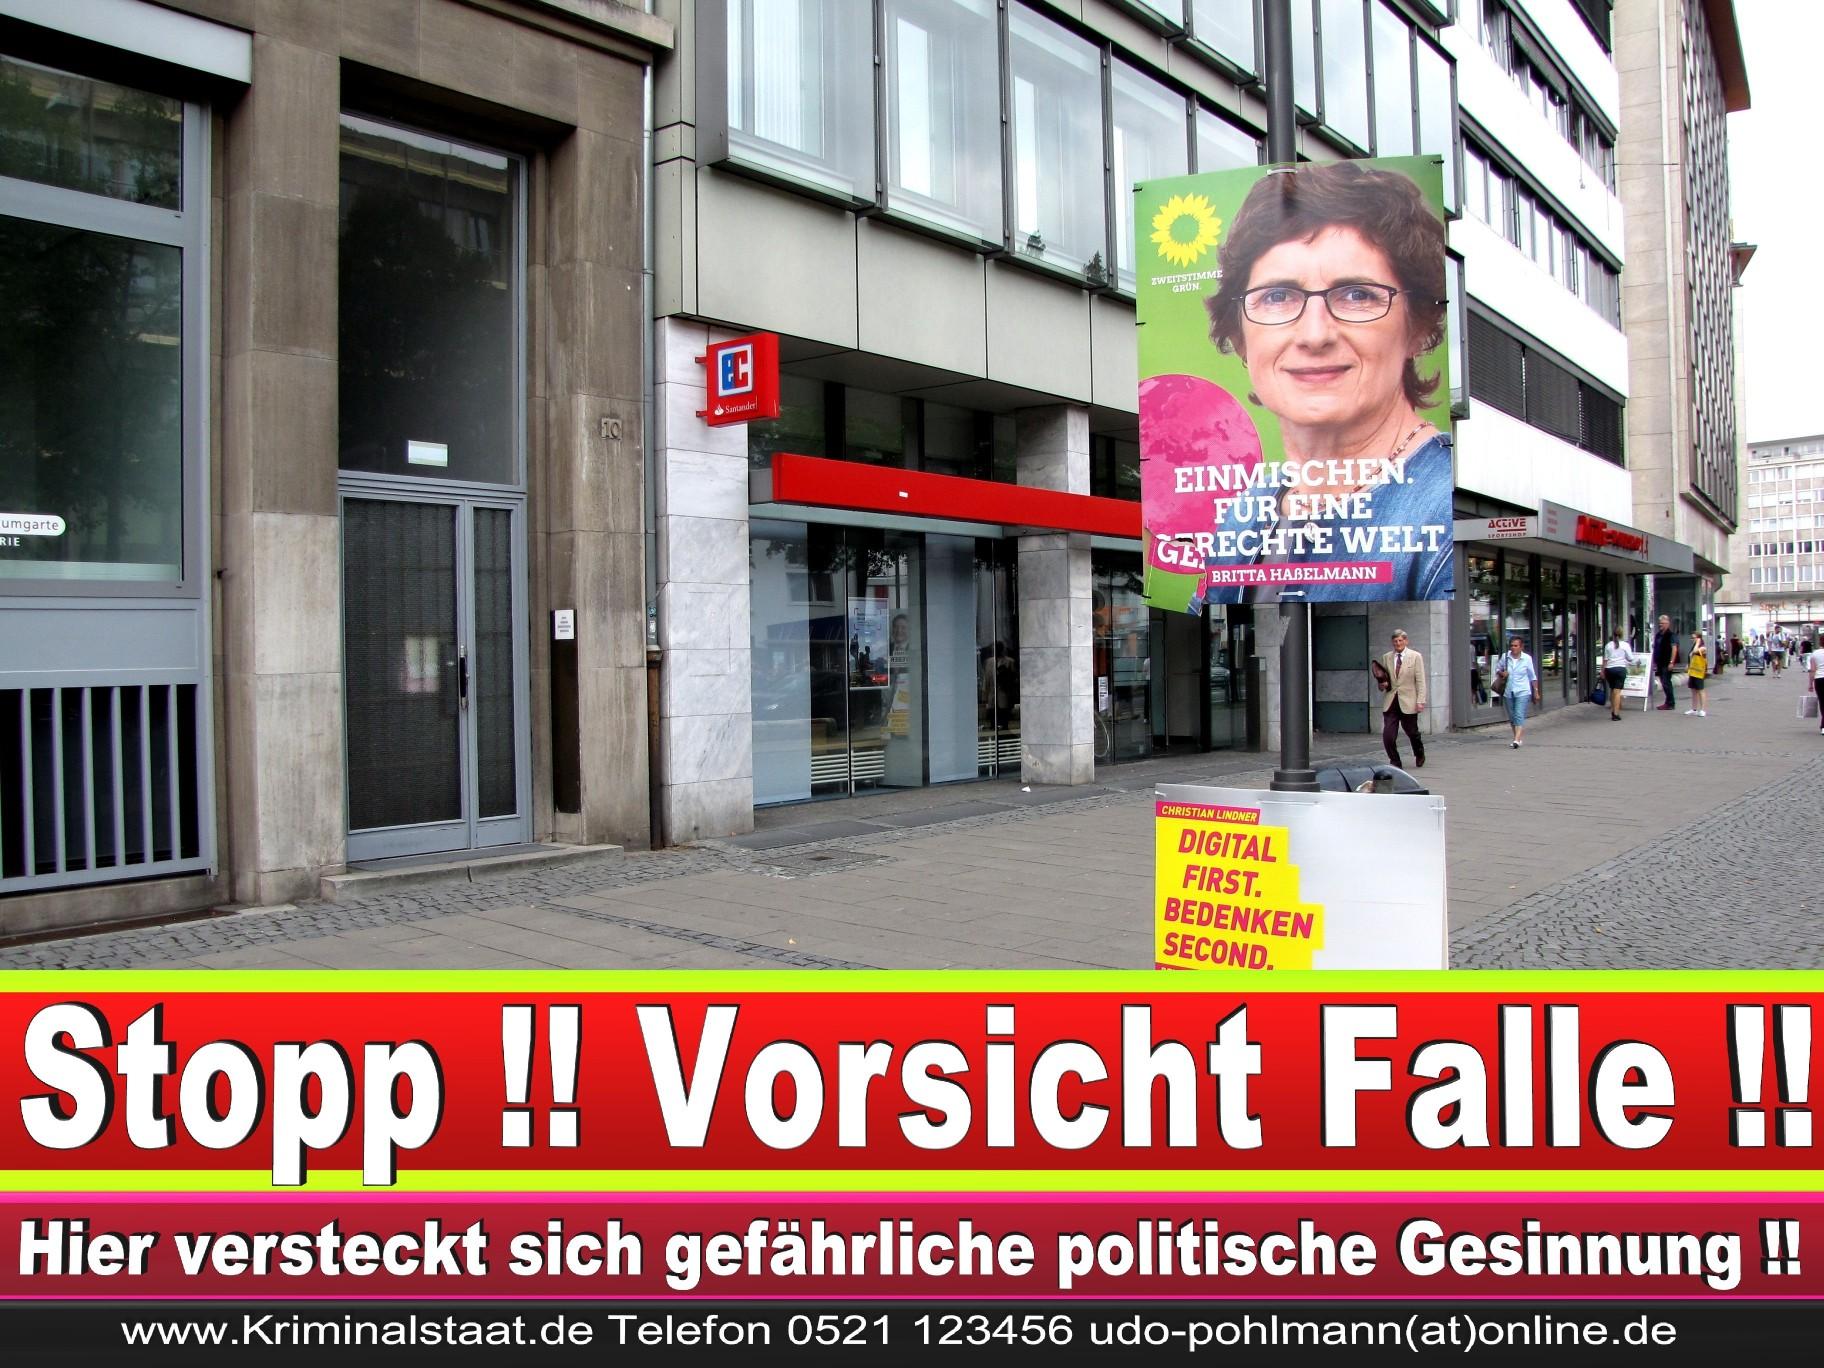 Wahlwerbung Wahlplakate Landtagswahl 2019 Europawahl CDU SPD FDP 2021 (31)